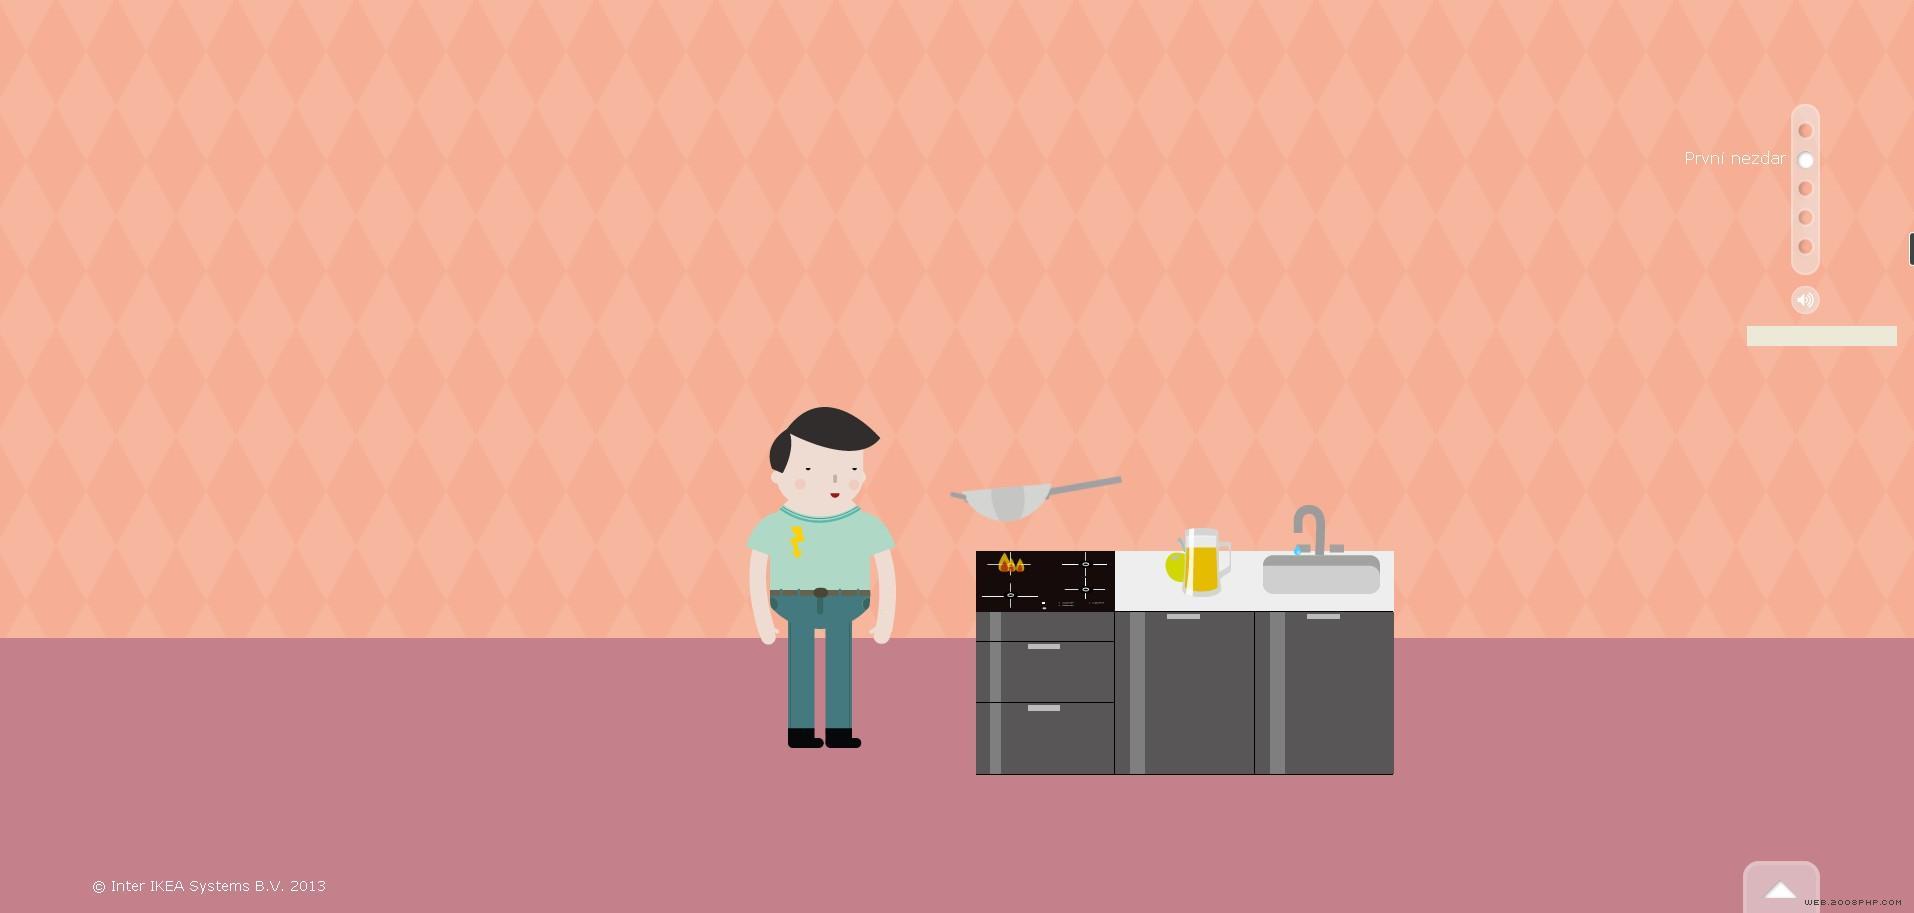 捷克厨房卡通烹饪v厨房!爱漫画图片纯图片